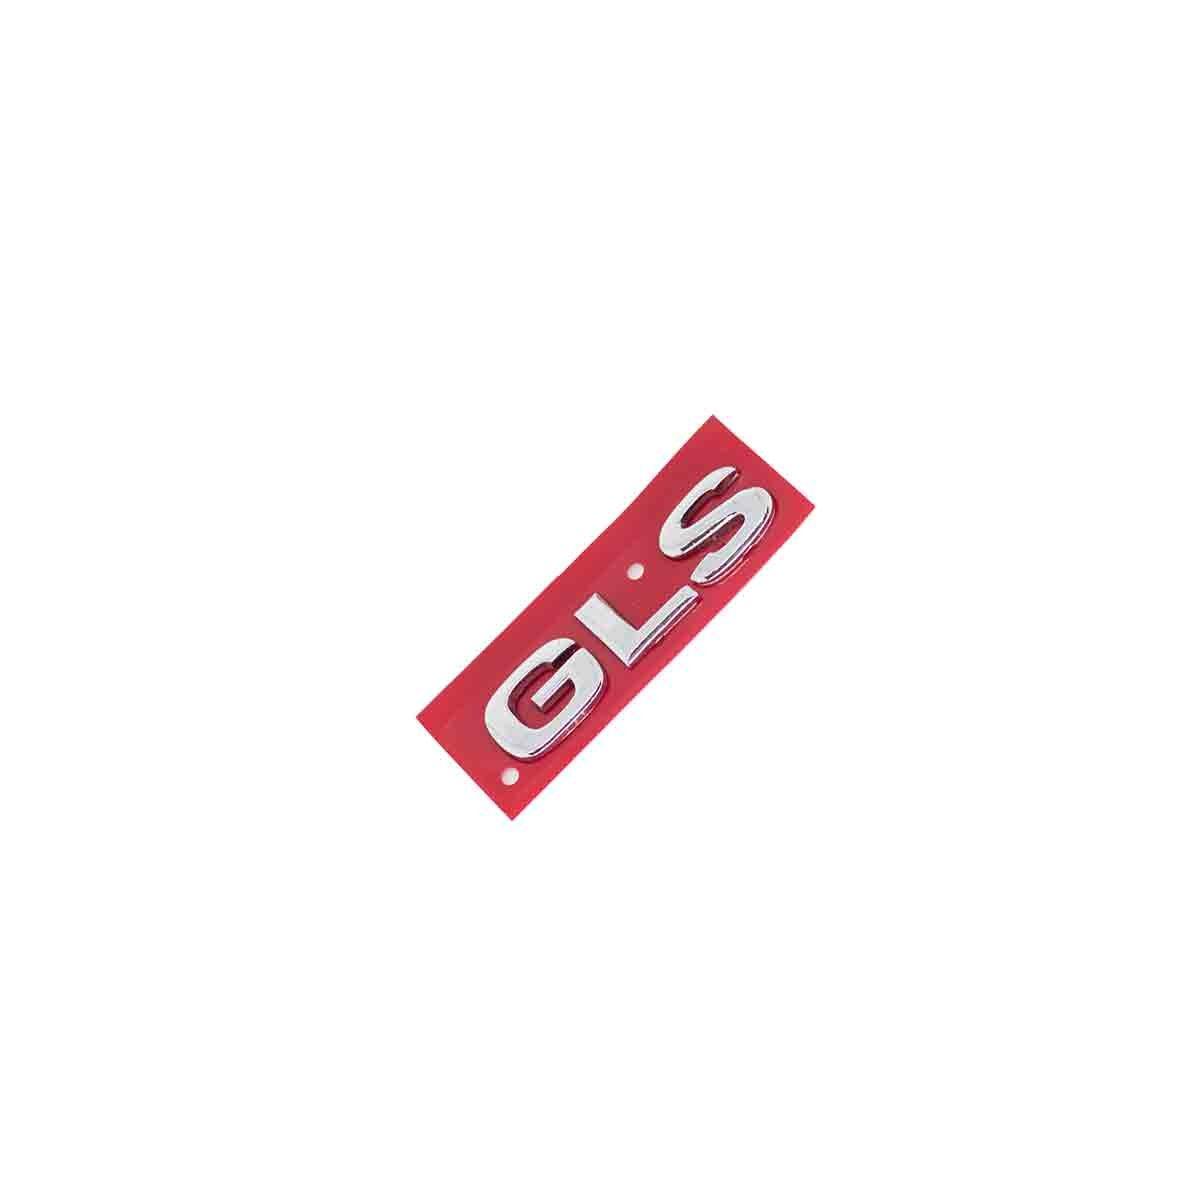 Emblema GLS 02/03 Vectra/Astra/Zafira Cromado